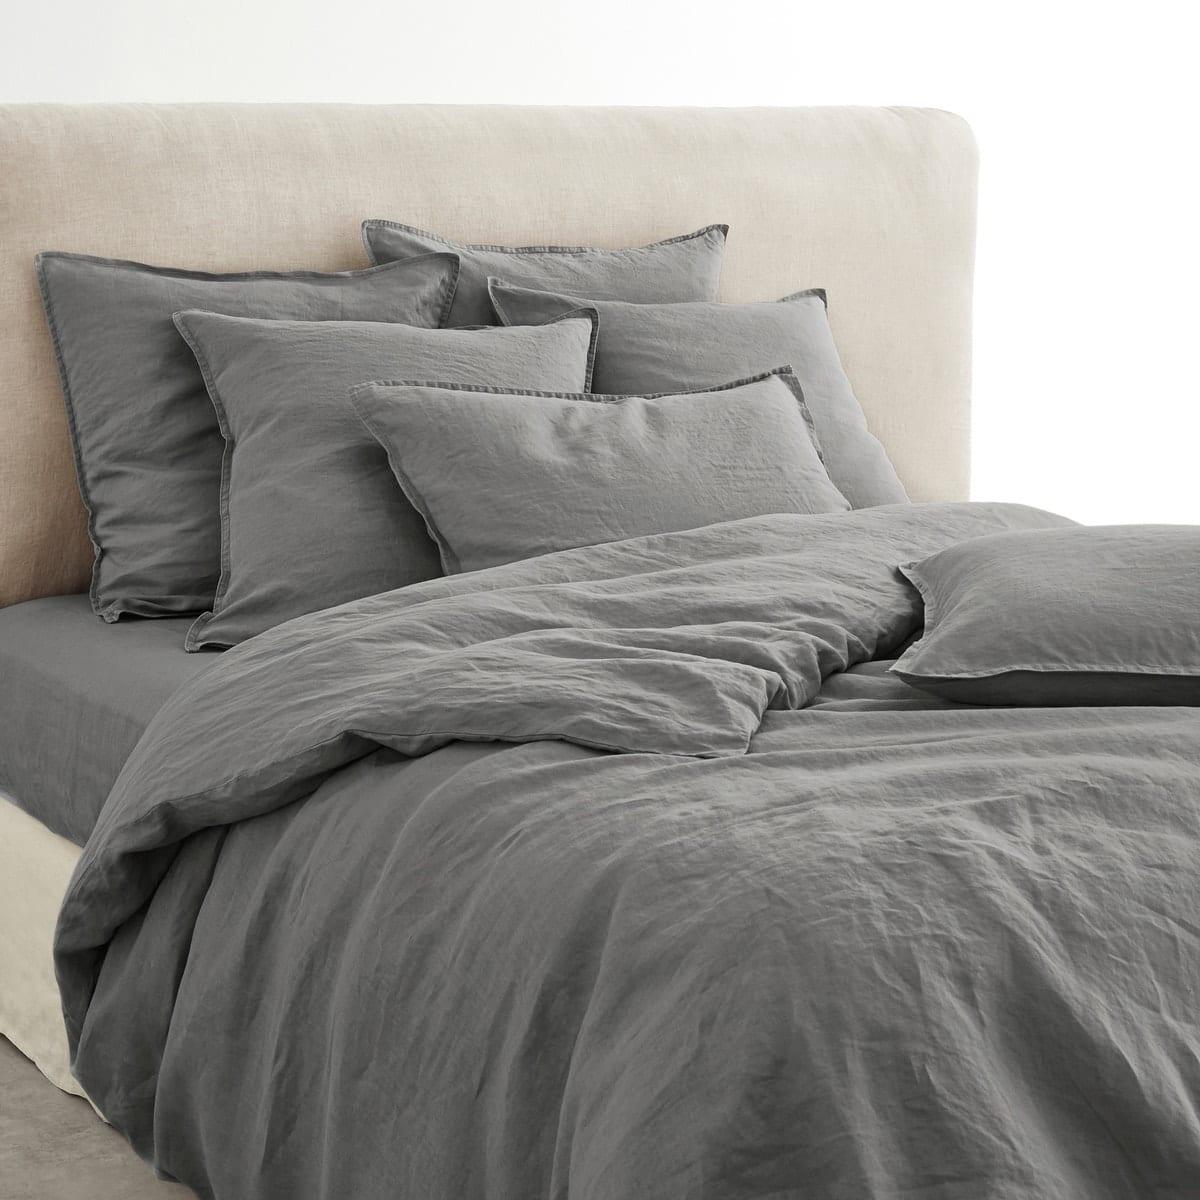 gri yatak çarşafları